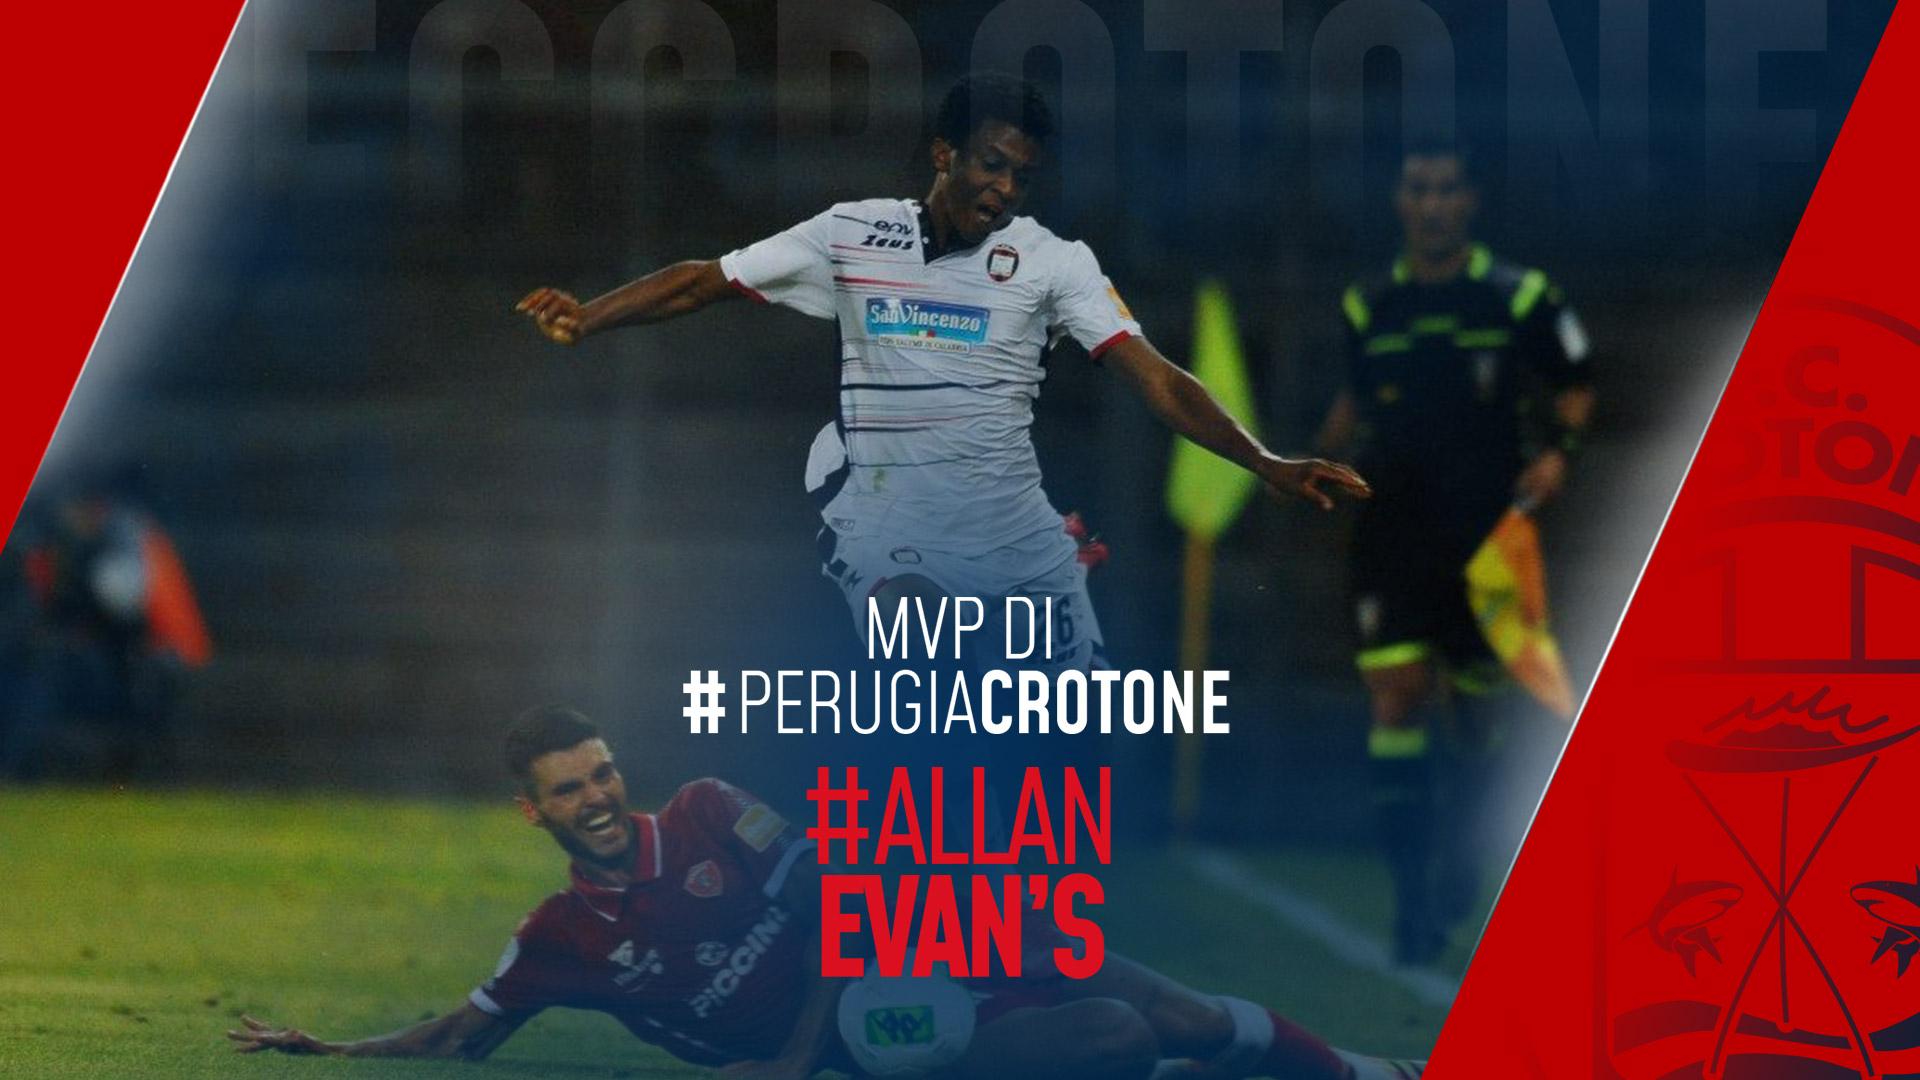 Evan's Mvp di #PerugiaCrotone